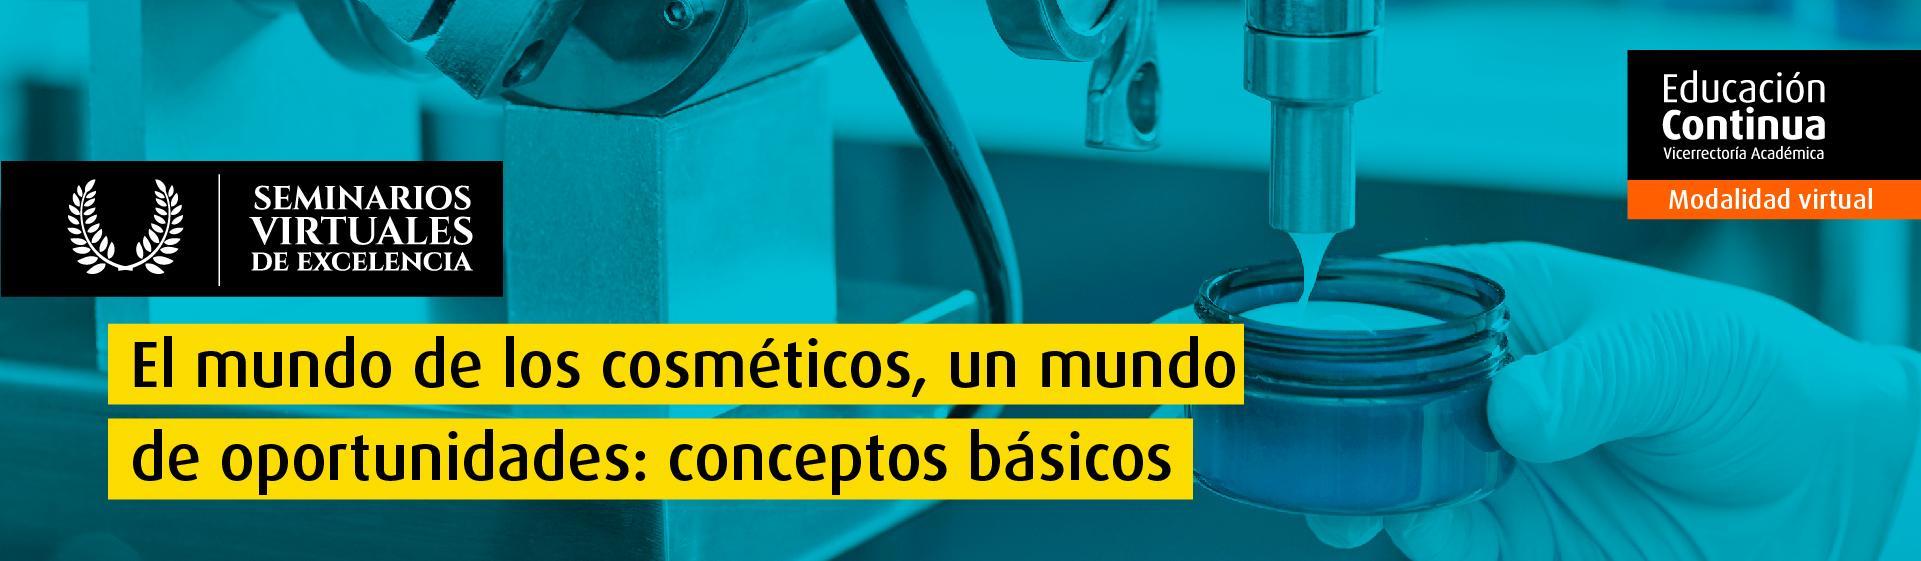 curso-excelencia-facultad-ingenieria-quimica-alimentos-cosmeticos-oscar-alavez-uniandes